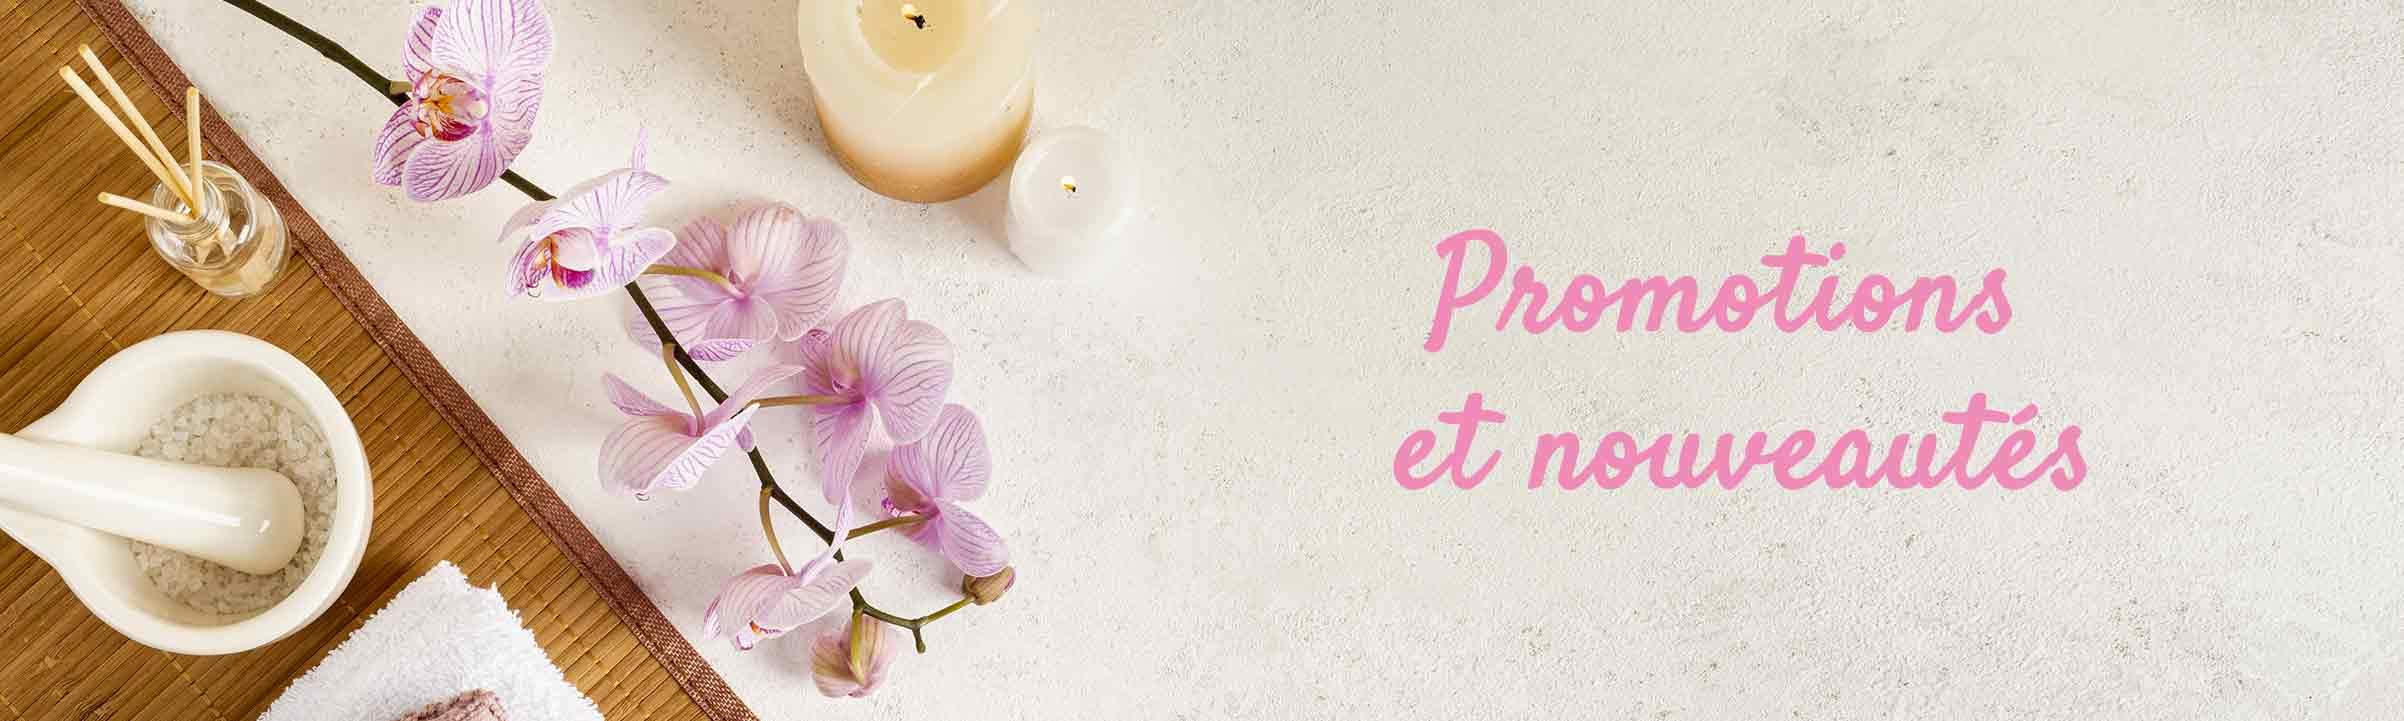 Promotions et nouveautés, spa Angers Maine et Loire